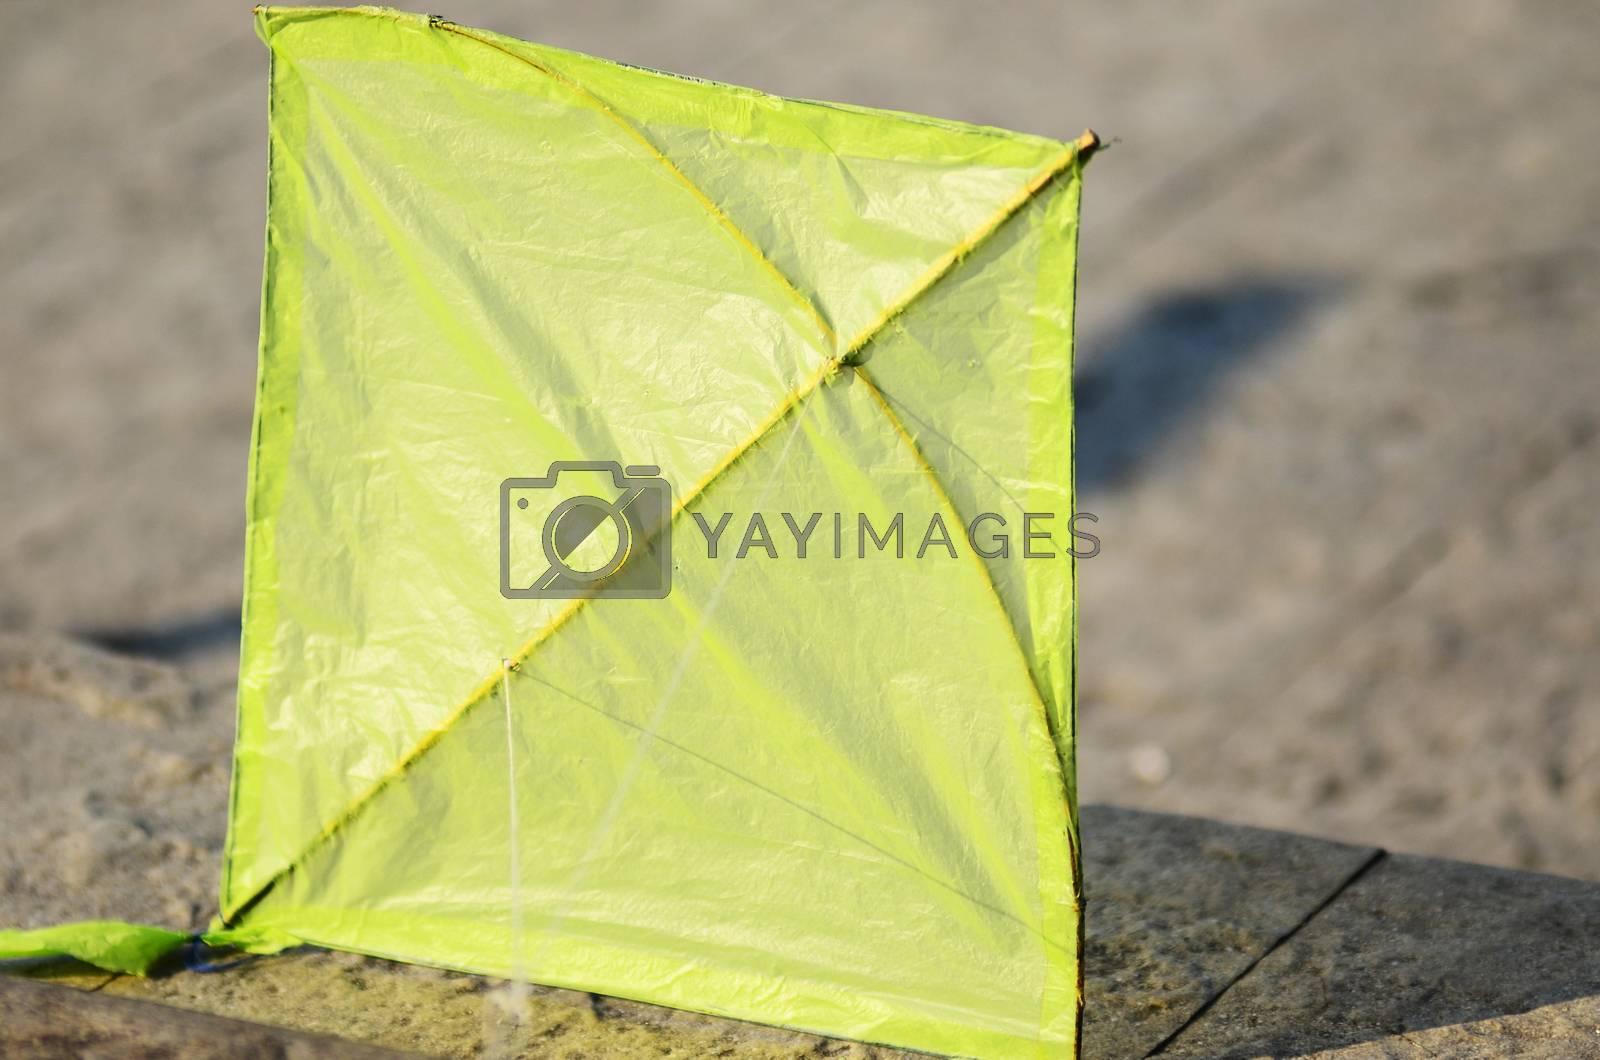 Green kite on concrete floor not flying